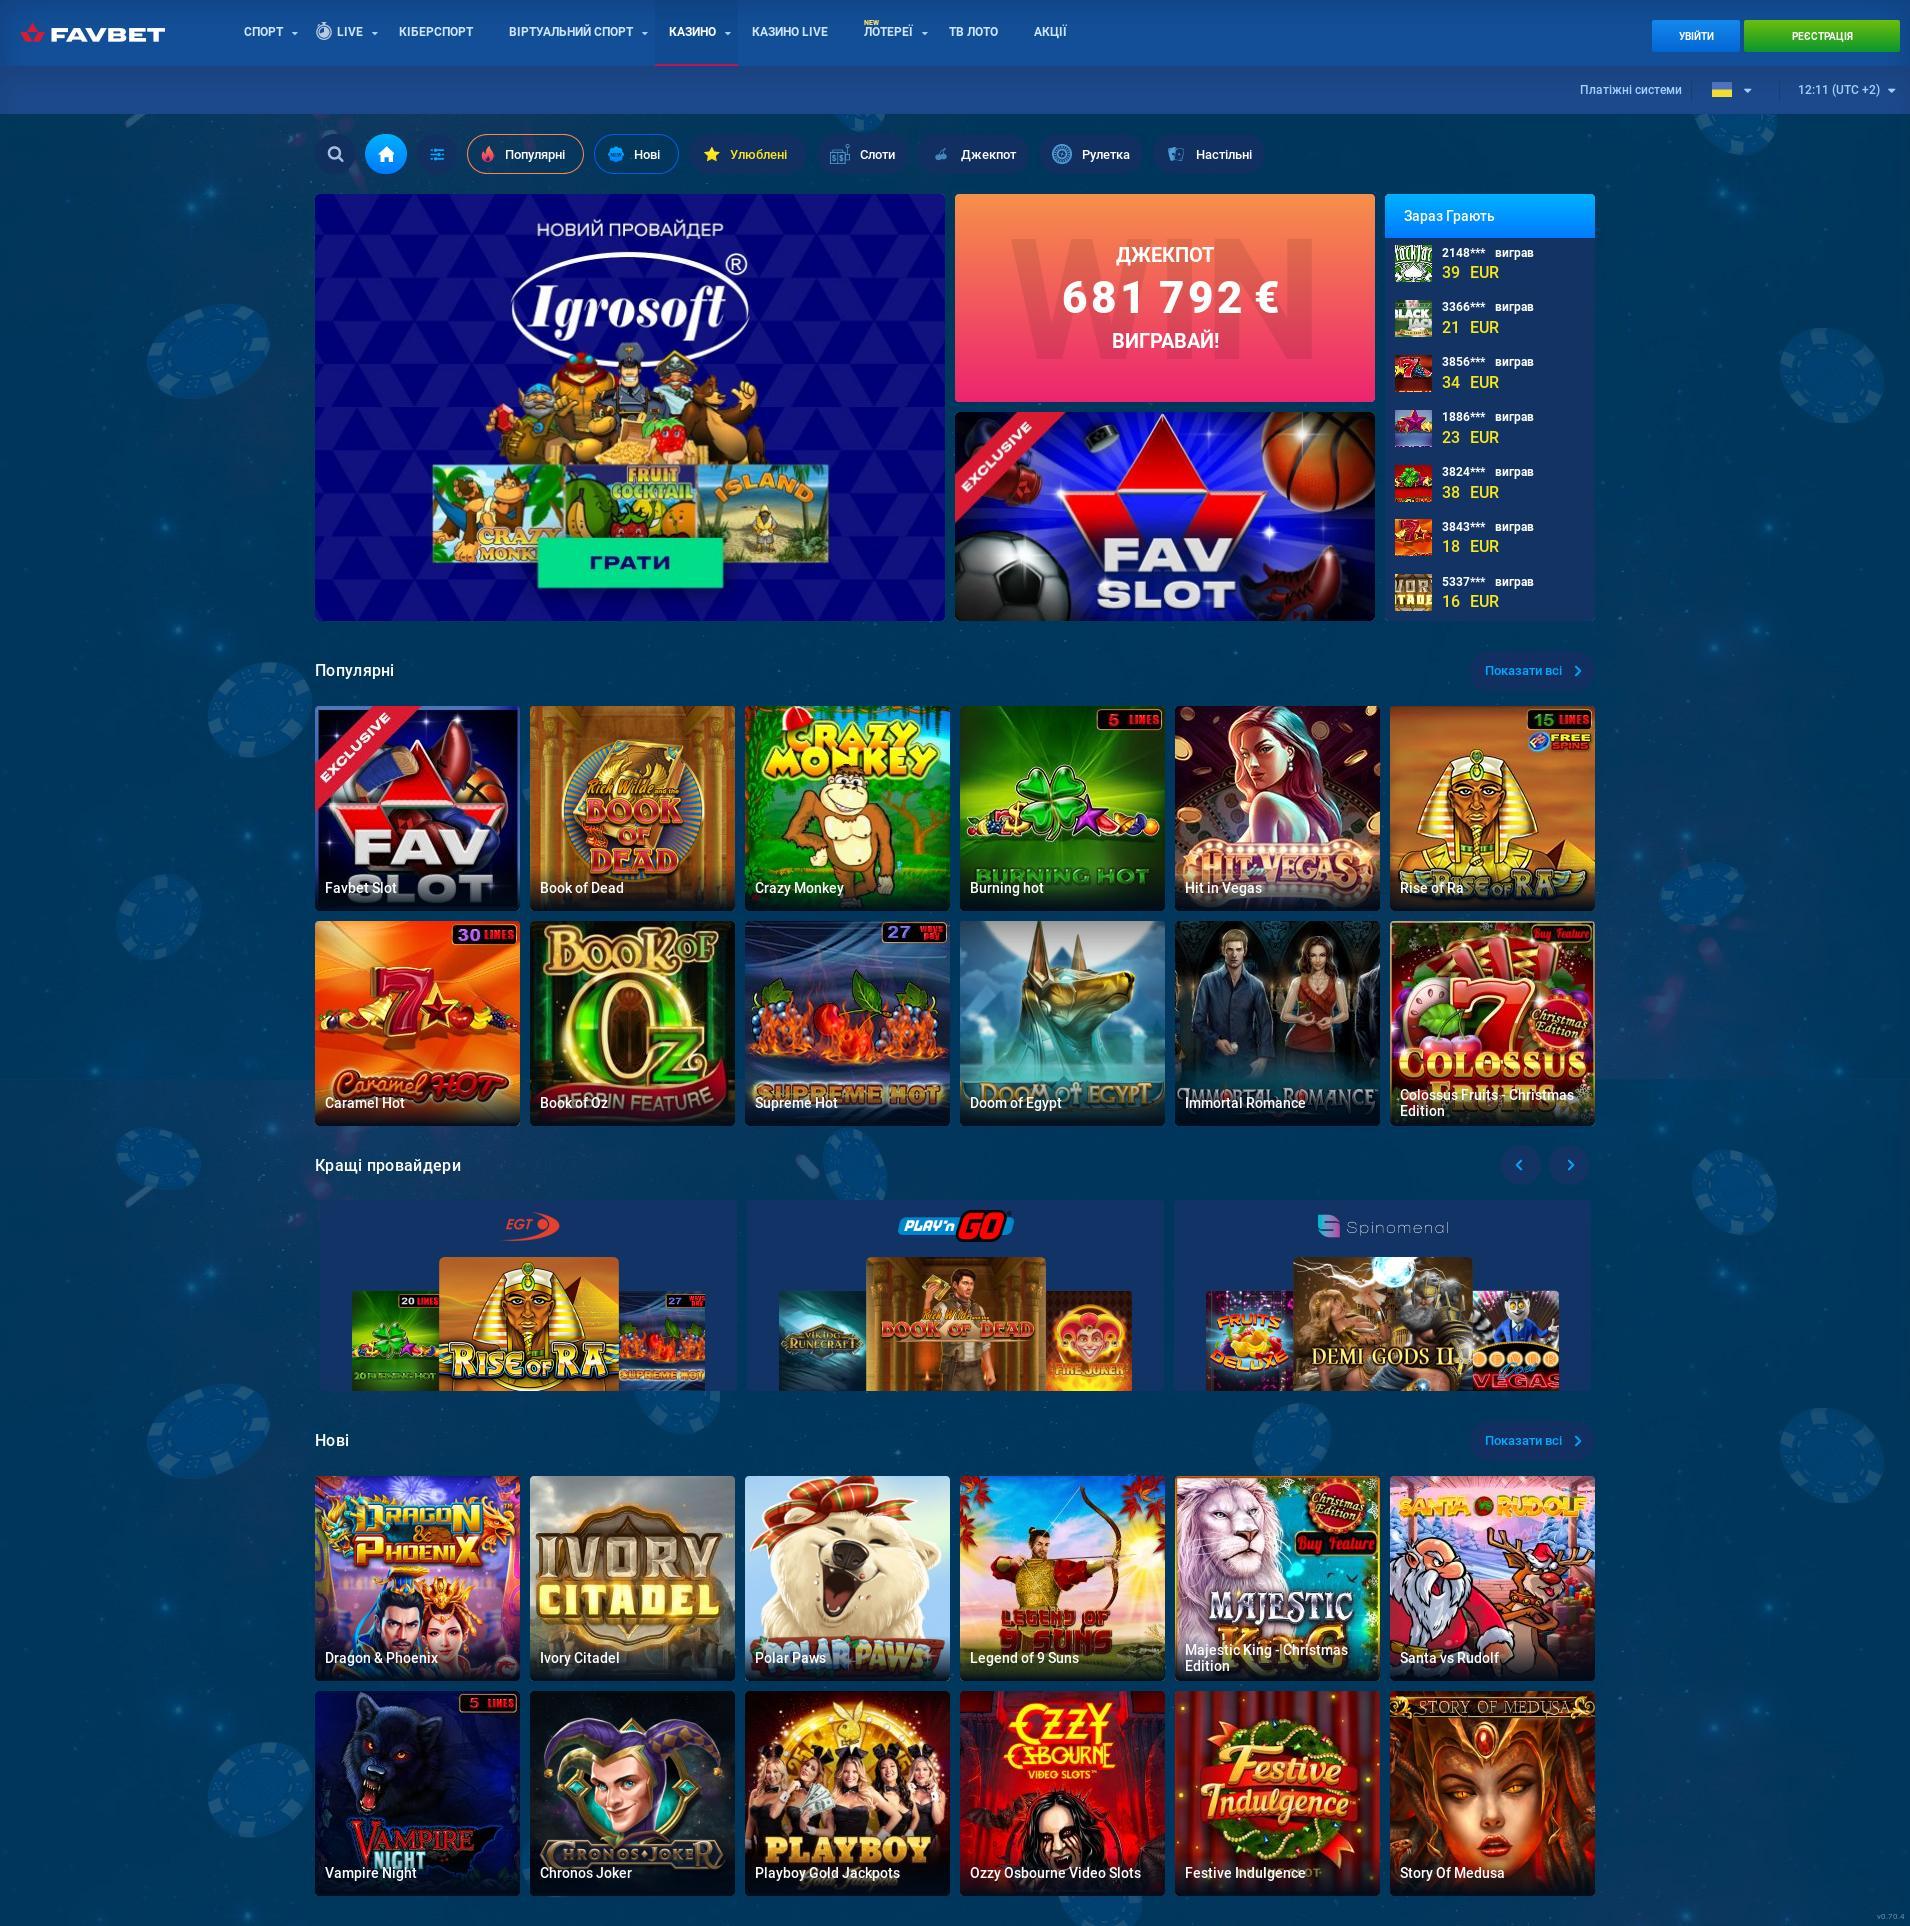 Casino screen Lobby 2019-12-05 for Ukraine